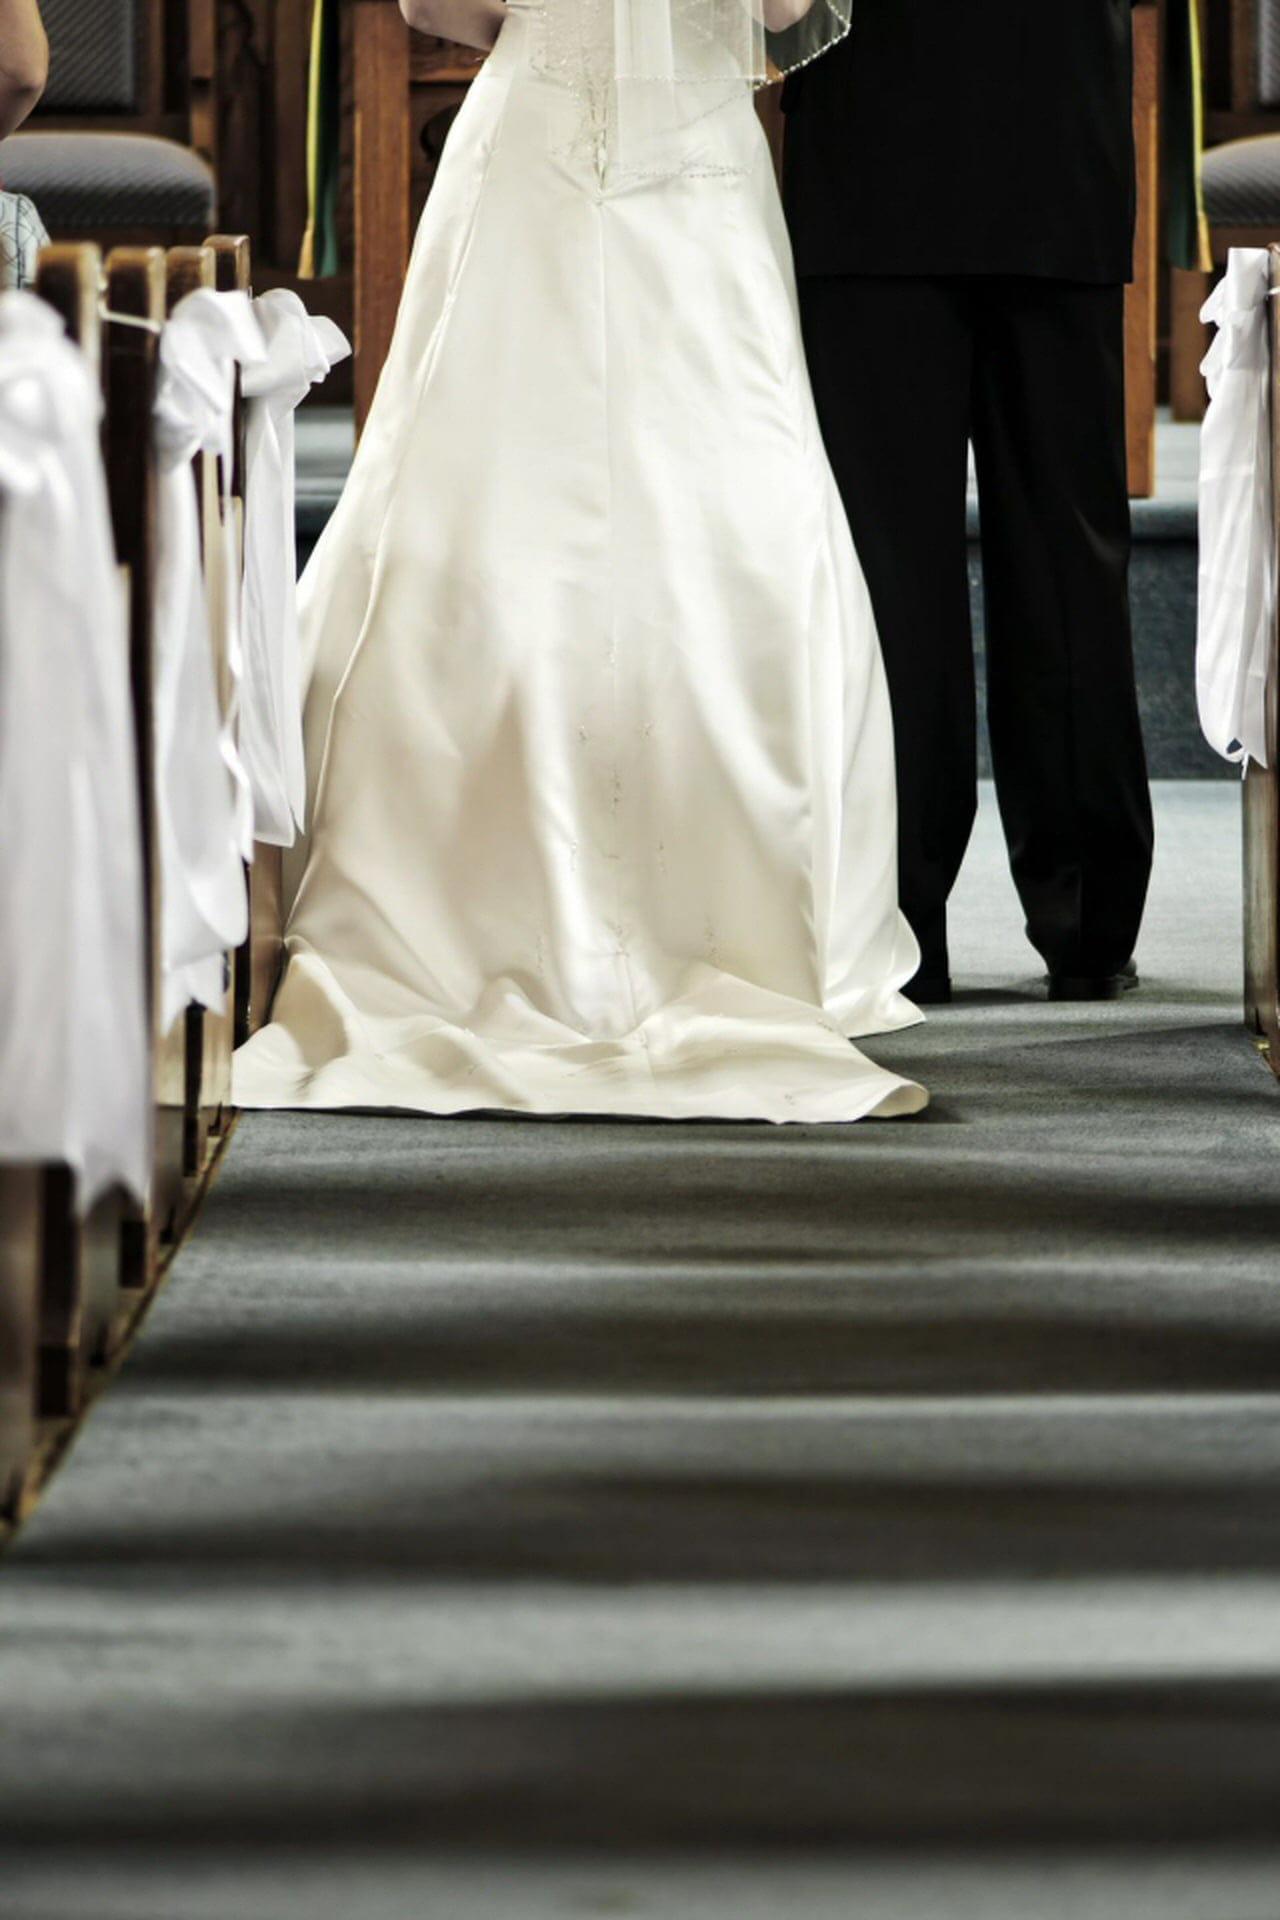 quanti mesi datati prima del matrimonio